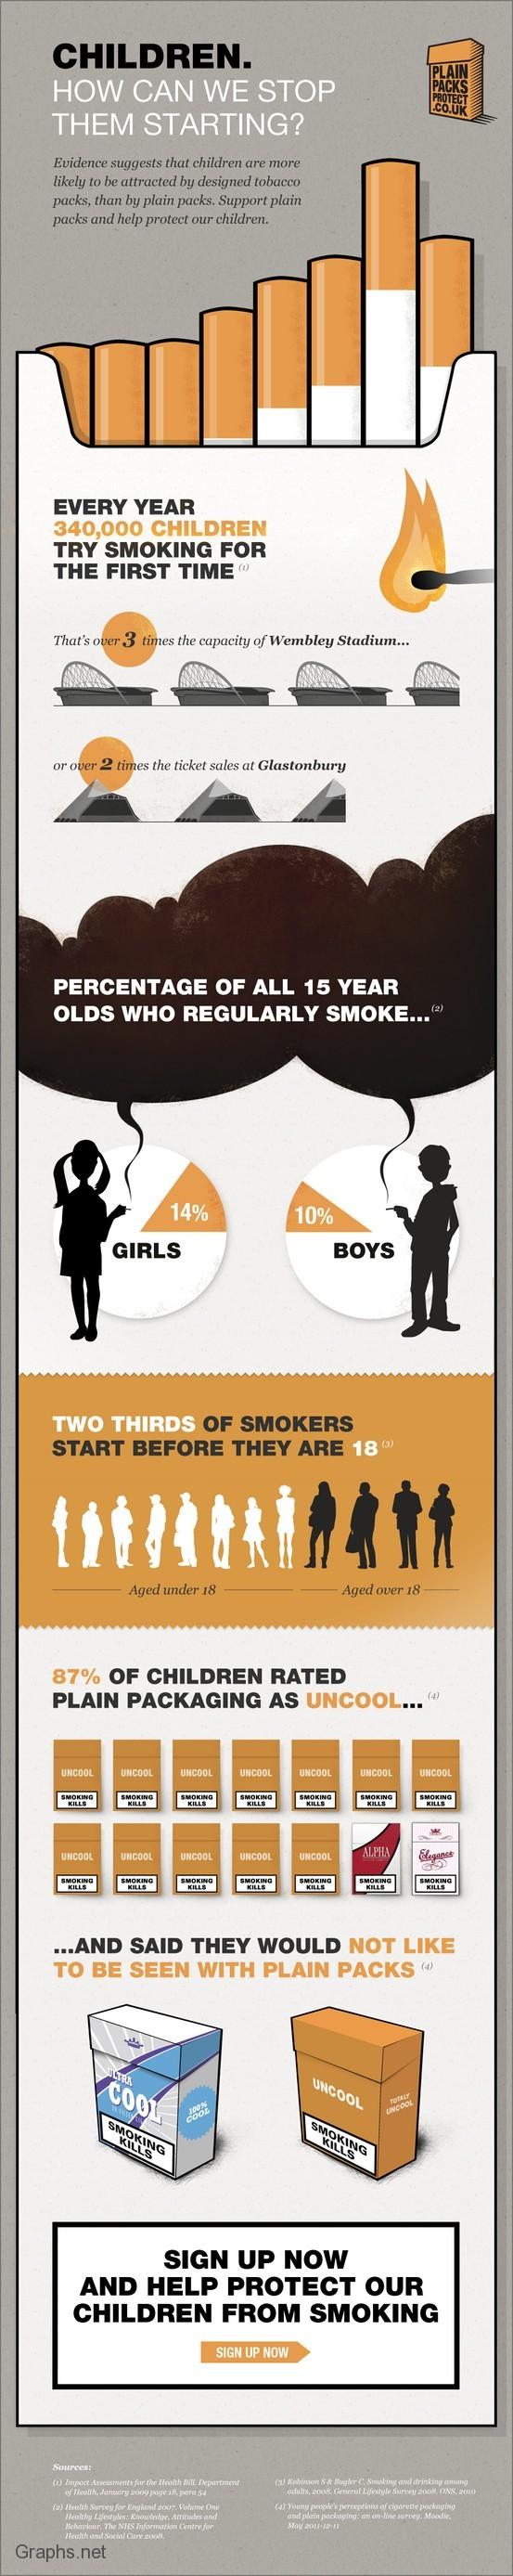 Smoking statistics in children